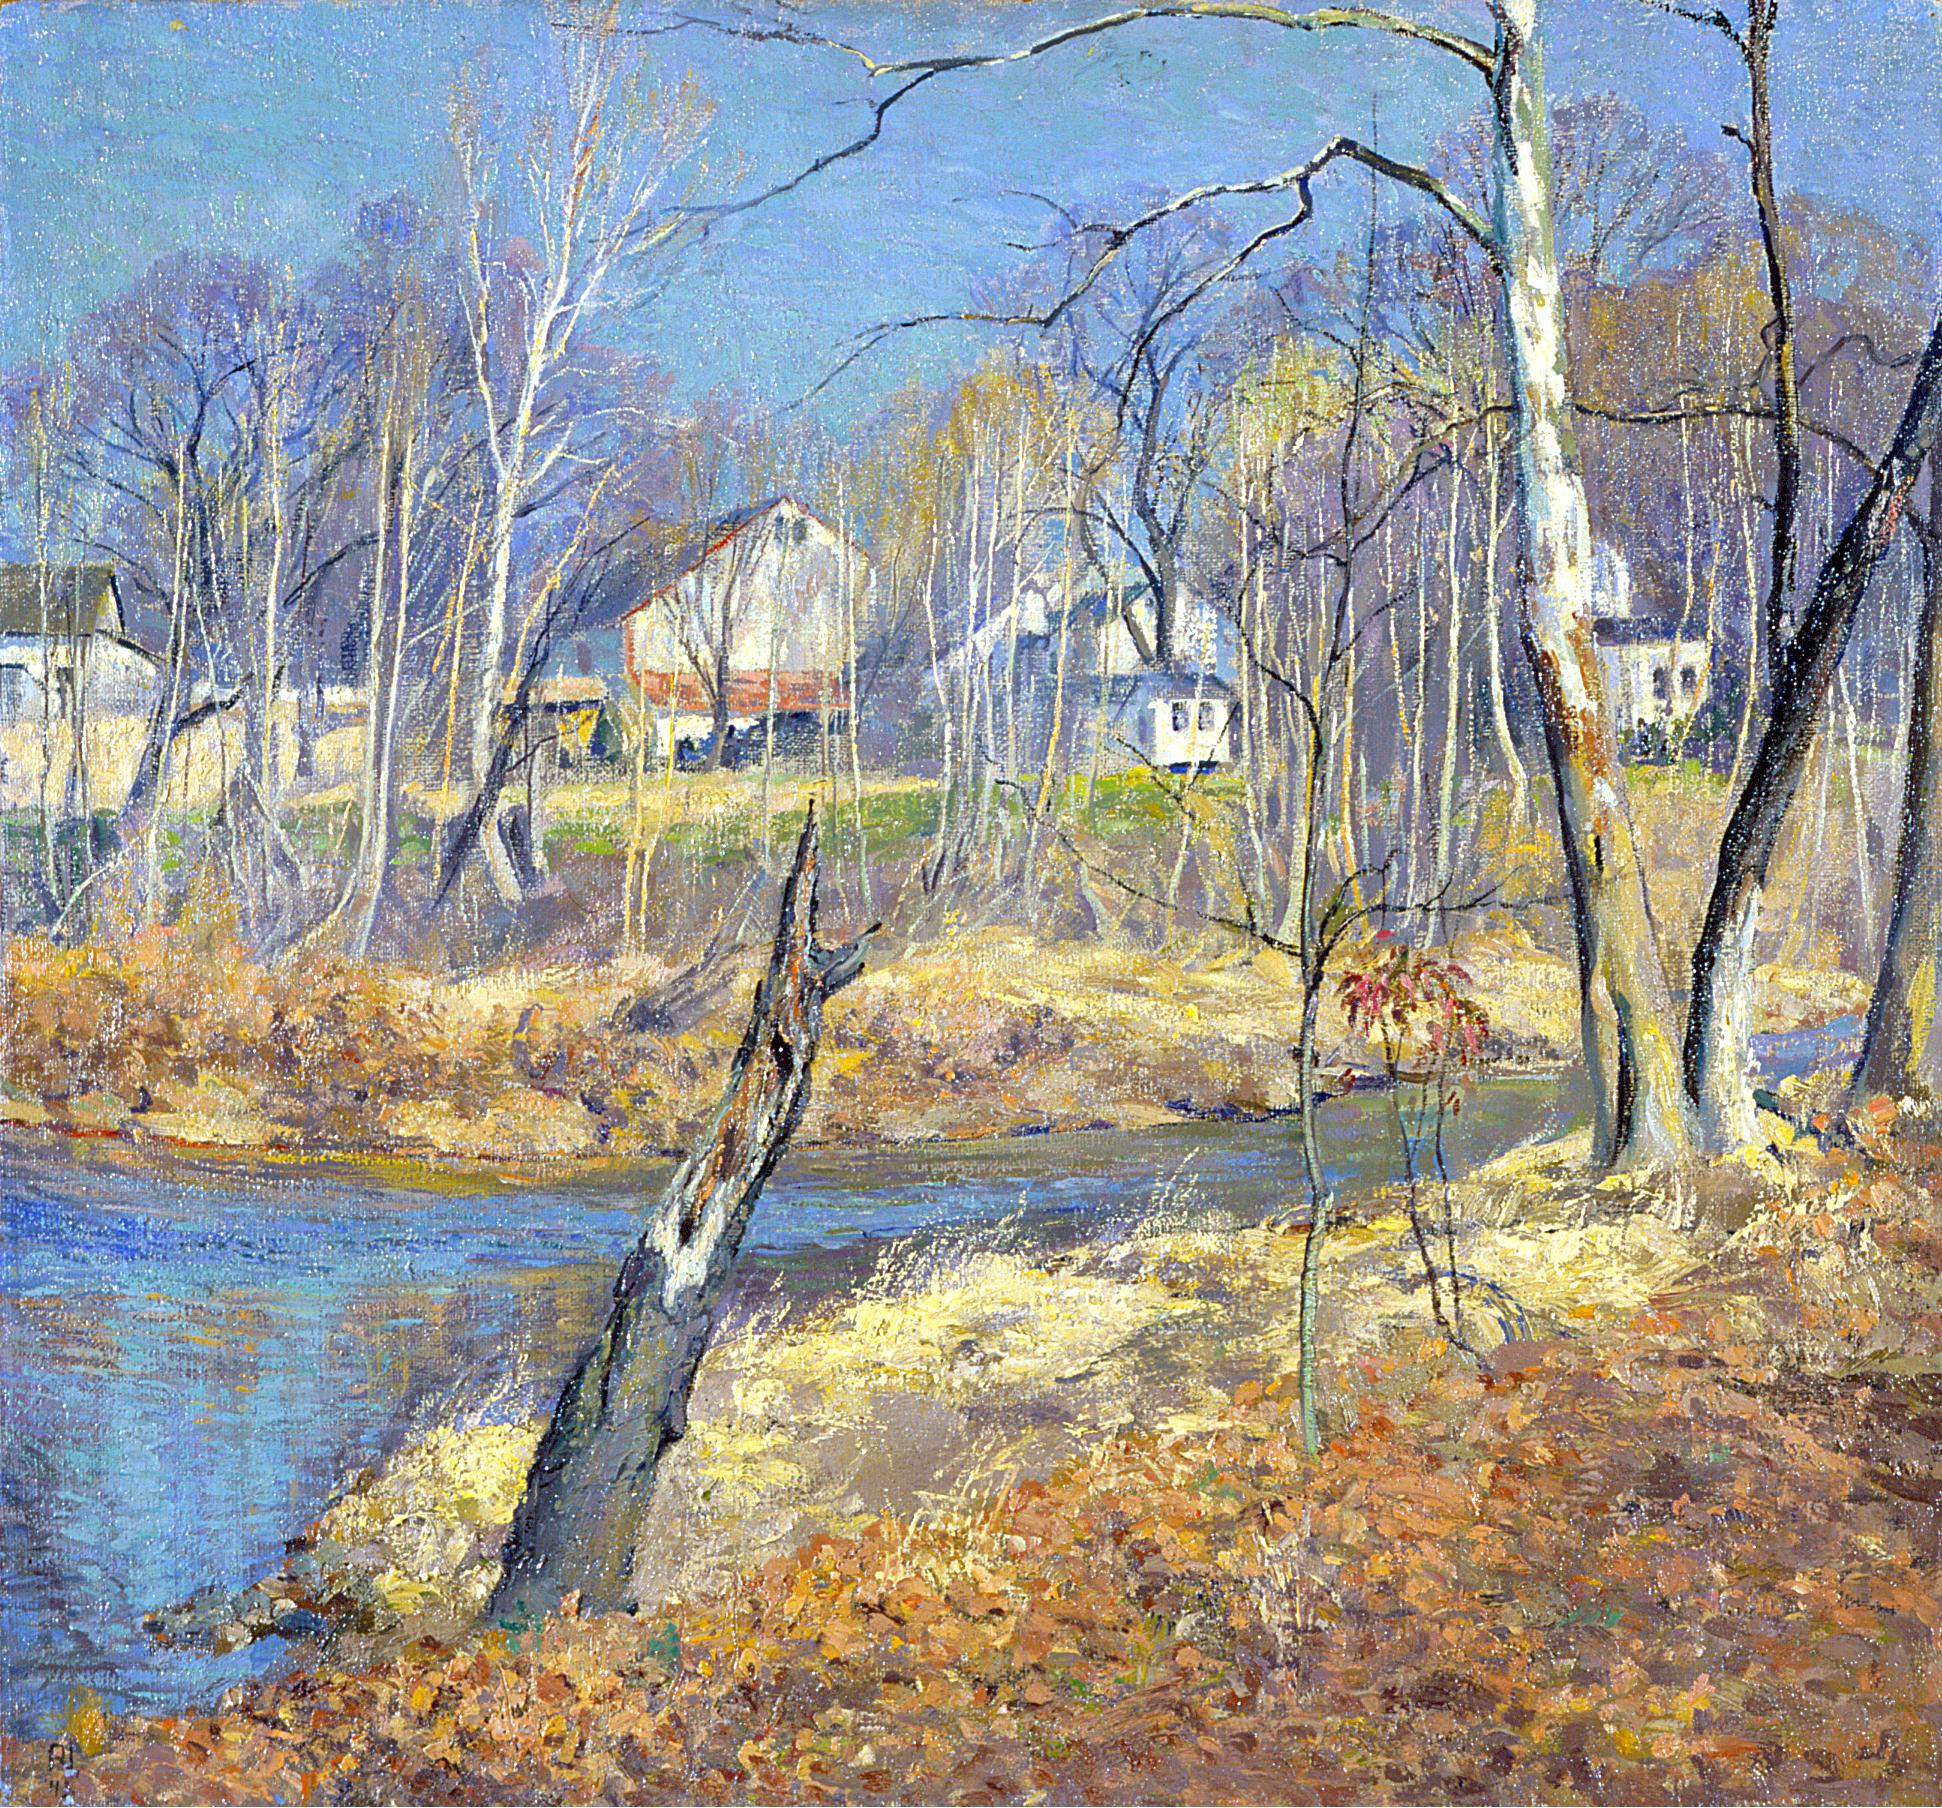 Neshaminy Creek by the Cox Farm